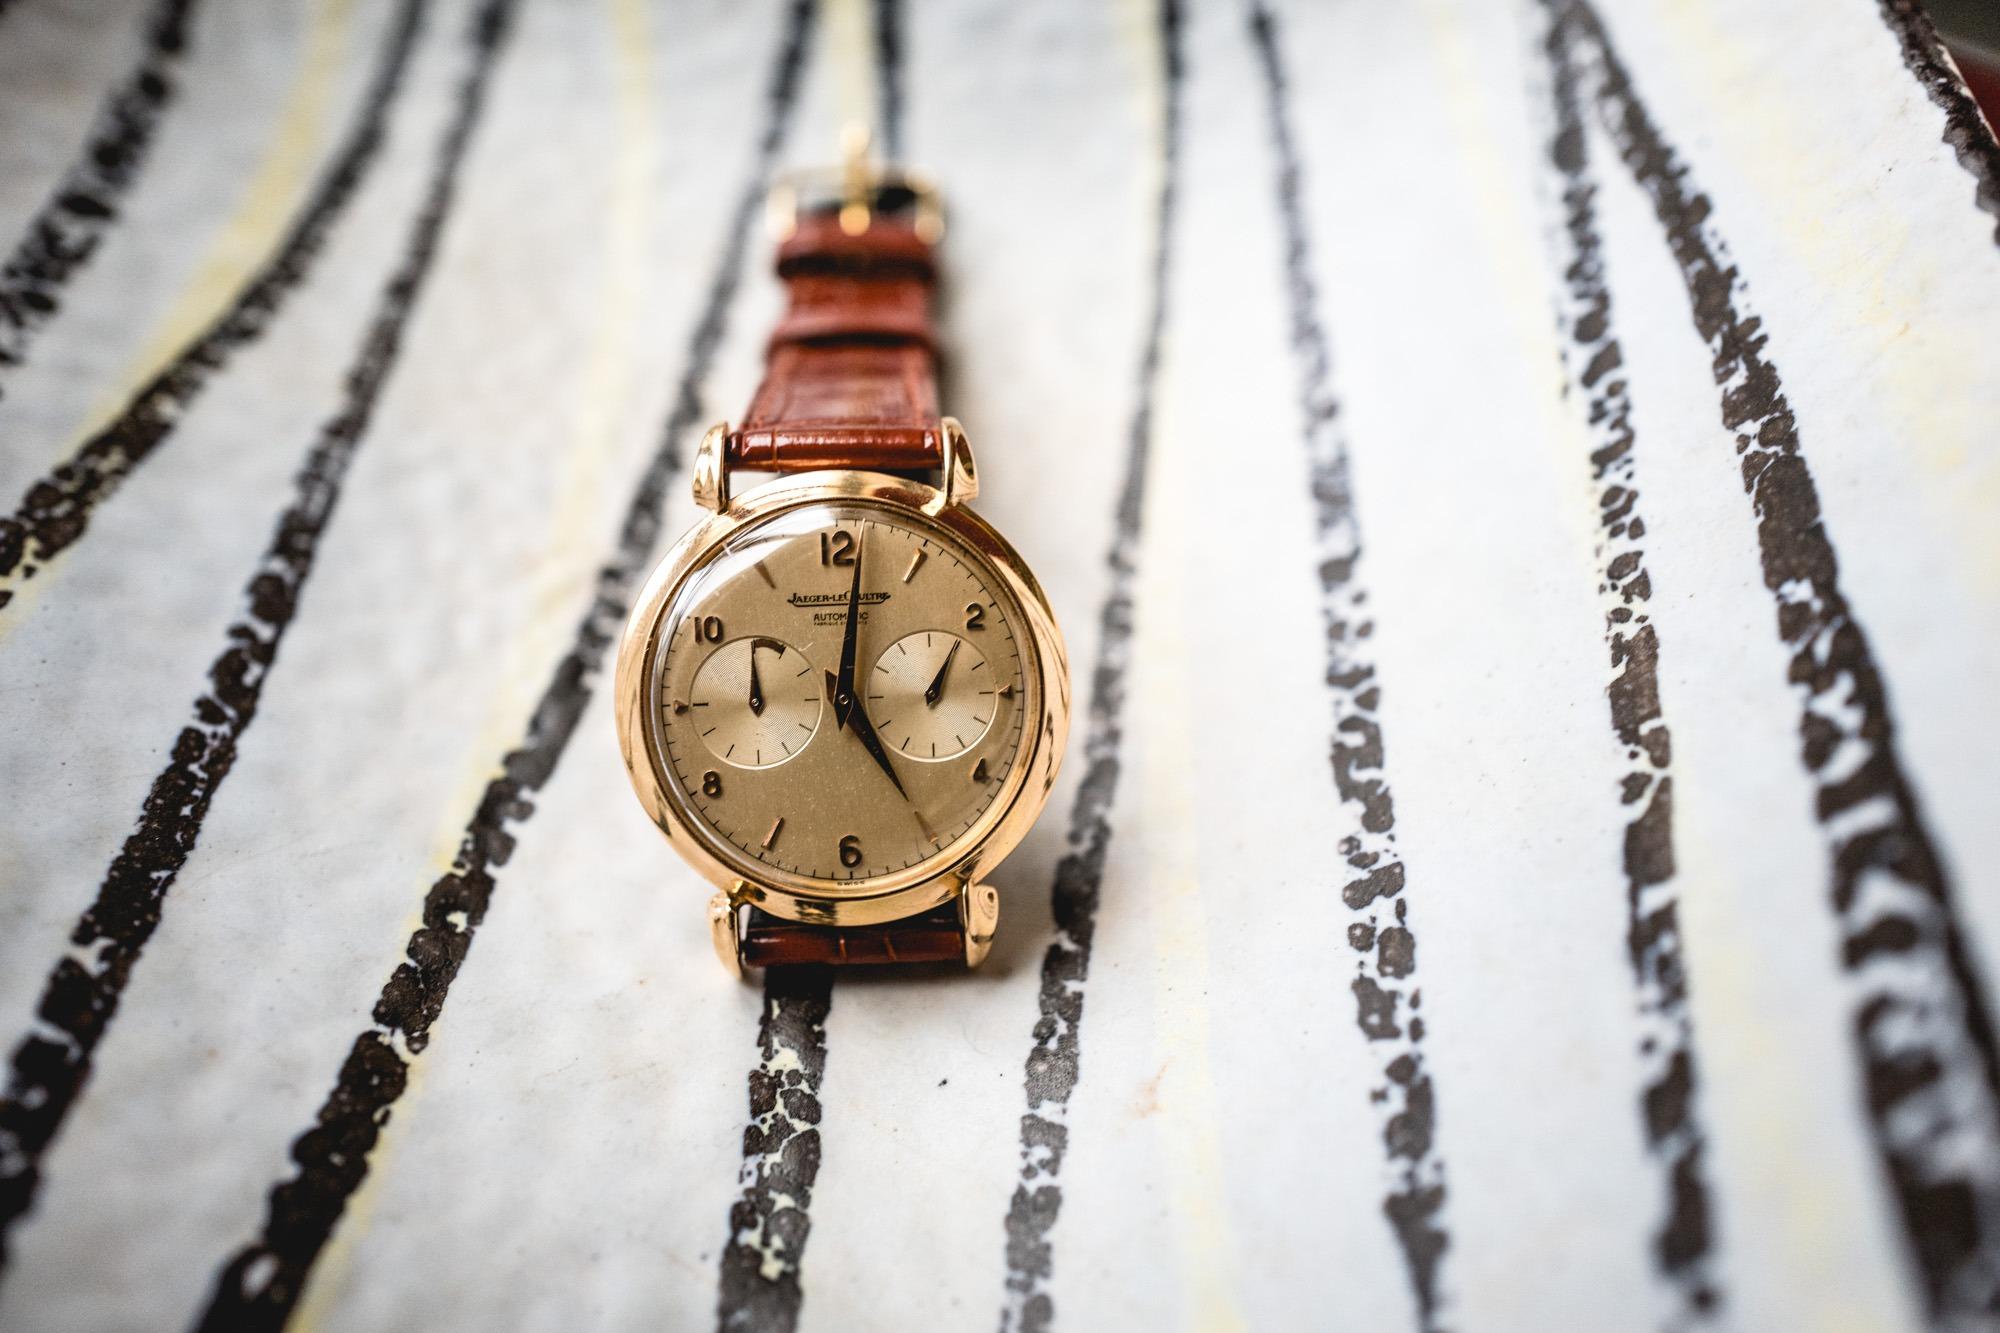 Tajan - Vente de montres du 11 décembre -Jaeger-LeCoultre Futurematic